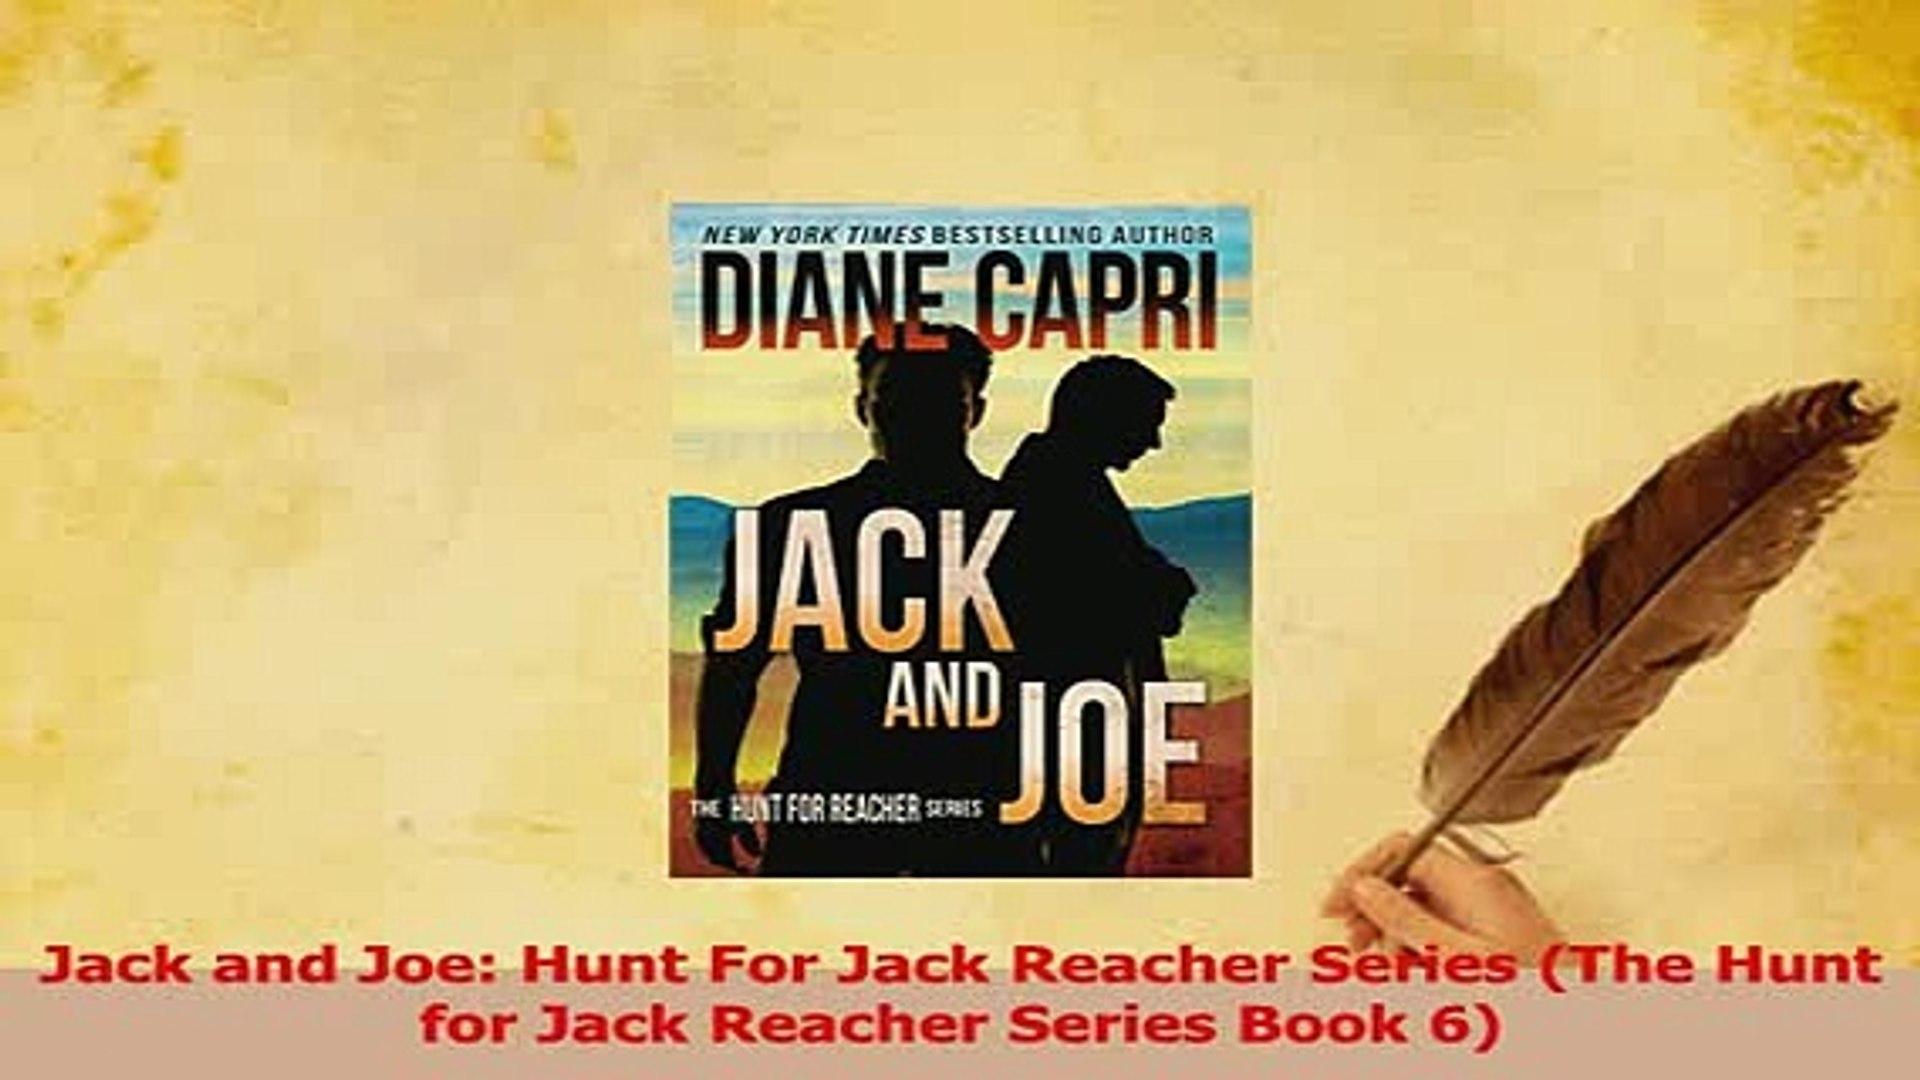 Download  Jack and Joe Hunt For Jack Reacher Series The Hunt for Jack Reacher Series Book 6 PDF Free